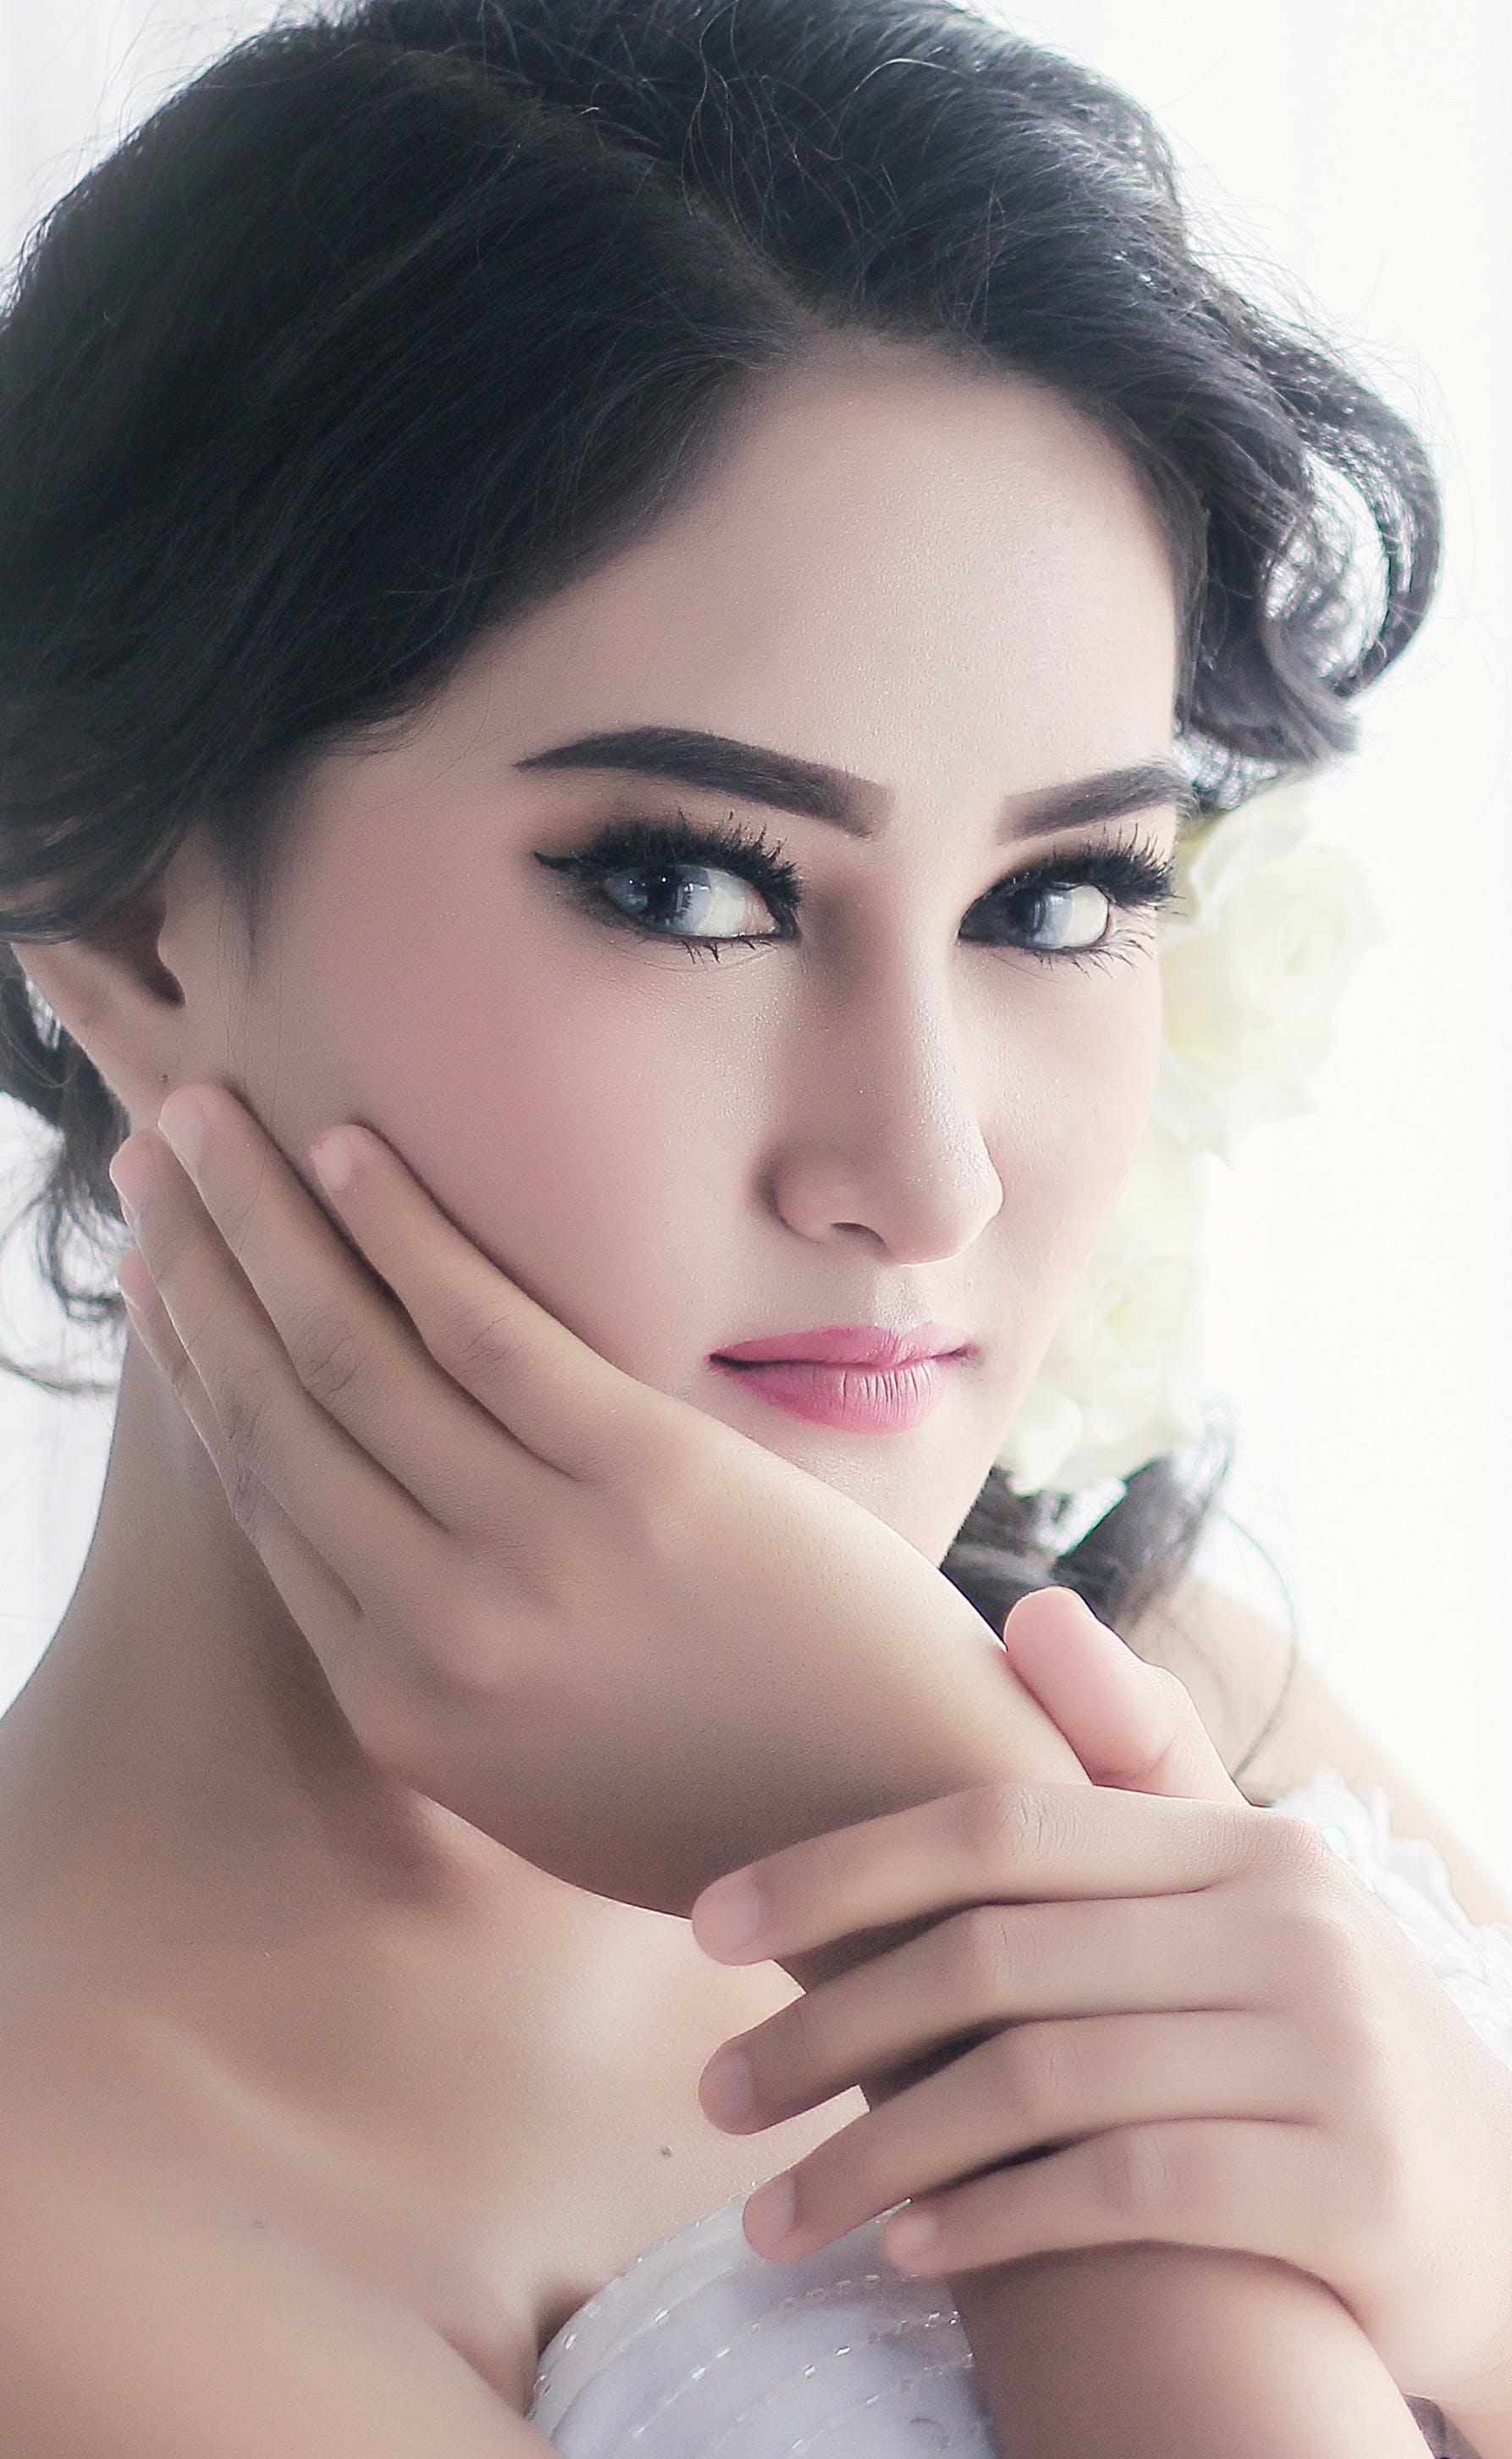 Free stock photo of beautiful women, beauty, fashion photography, portrait